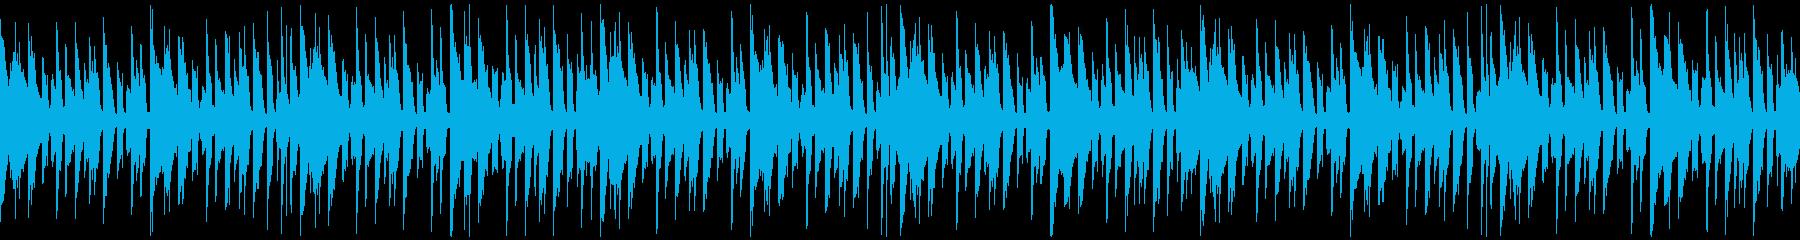 【ループ】リザルト画面や準備画面のBGMの再生済みの波形